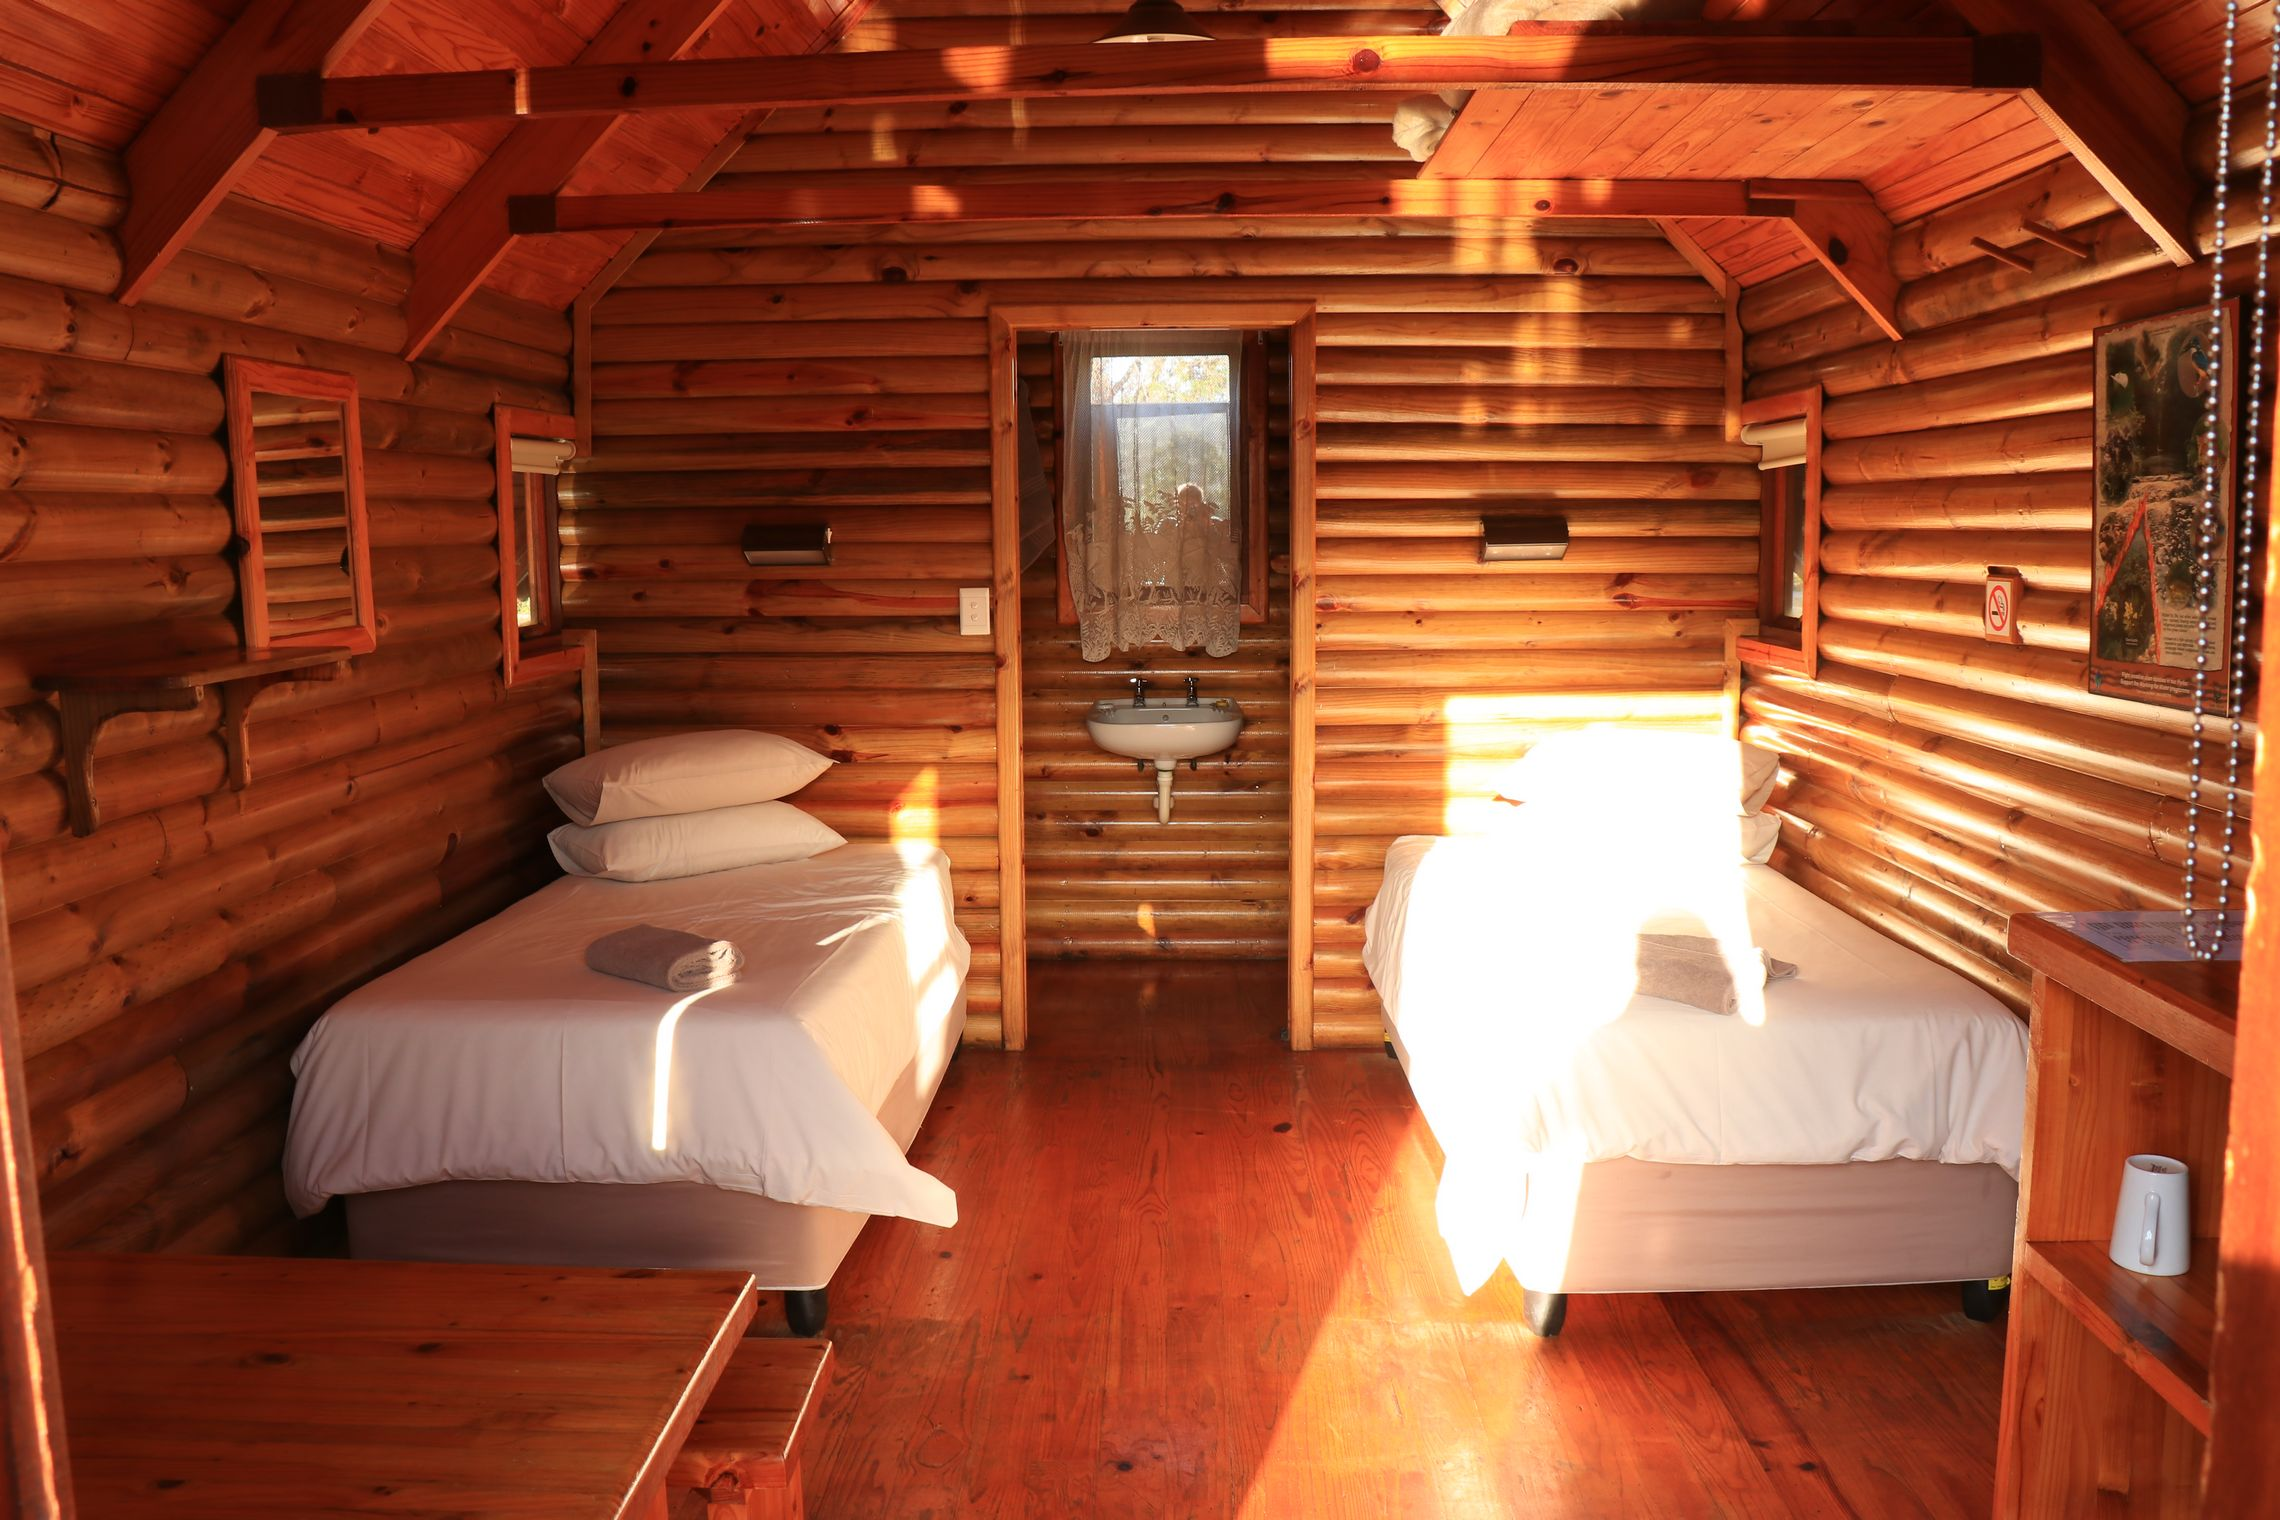 ebb flow restcamp wilderness love camping. Black Bedroom Furniture Sets. Home Design Ideas